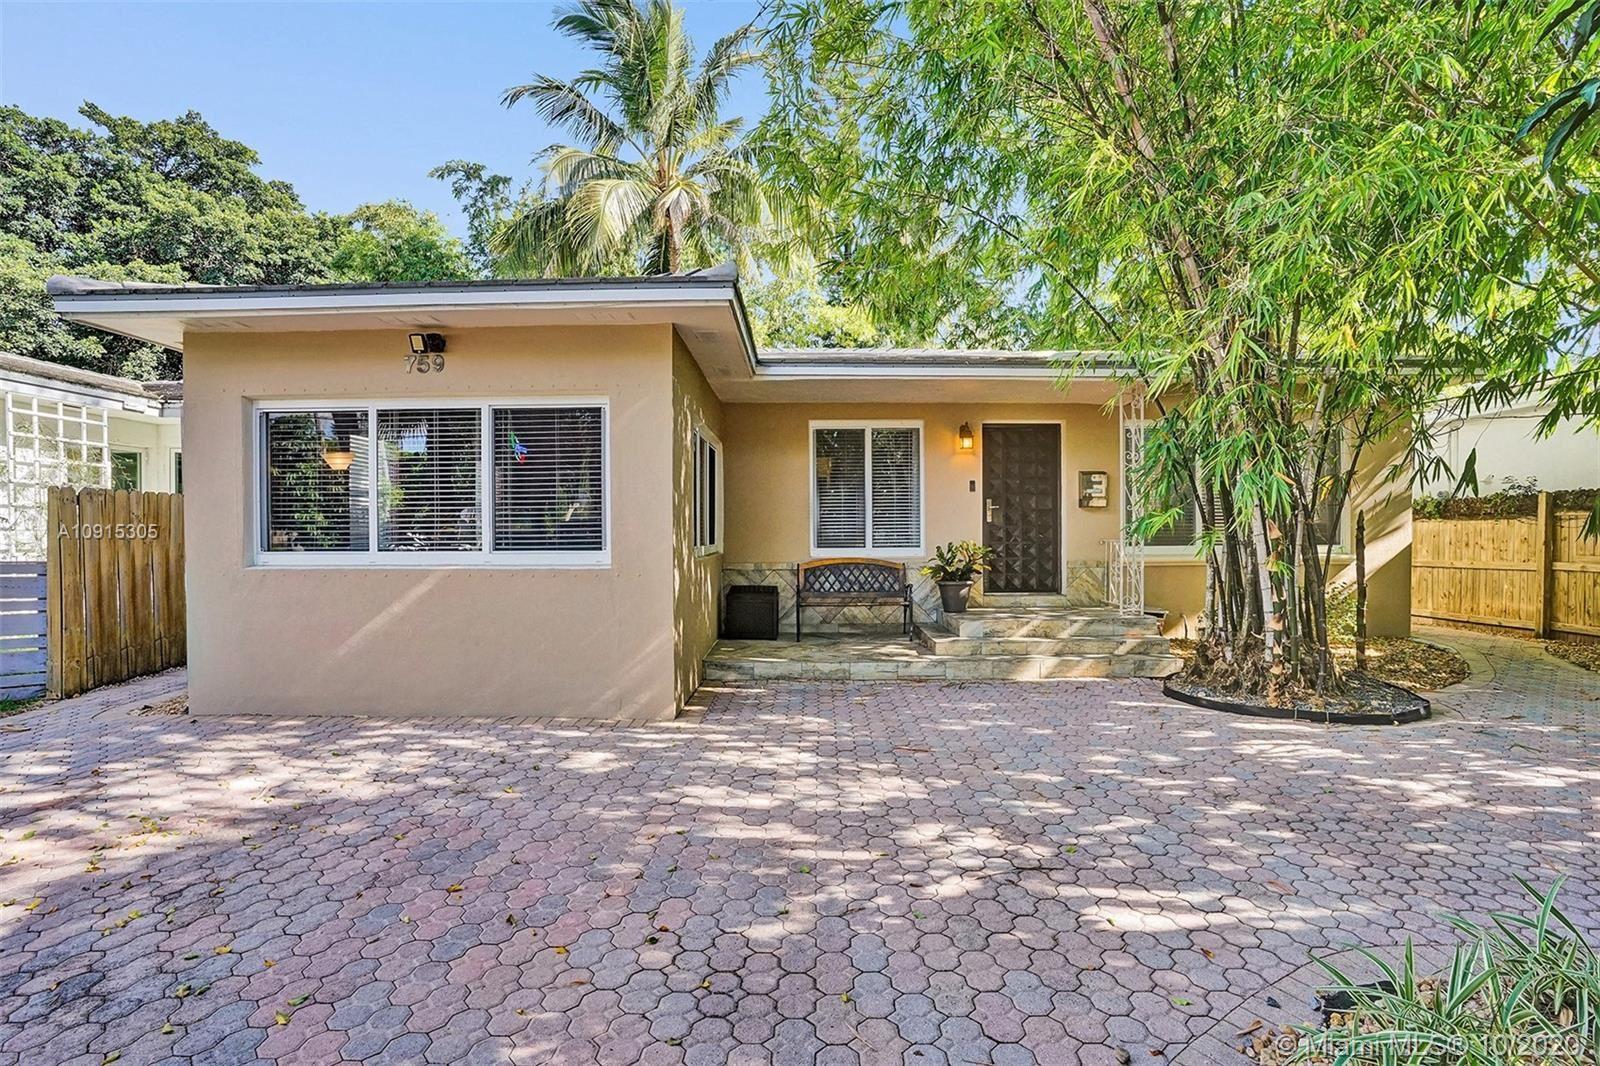 759 NE 87th St, Miami, FL 33138 - #: A10915305